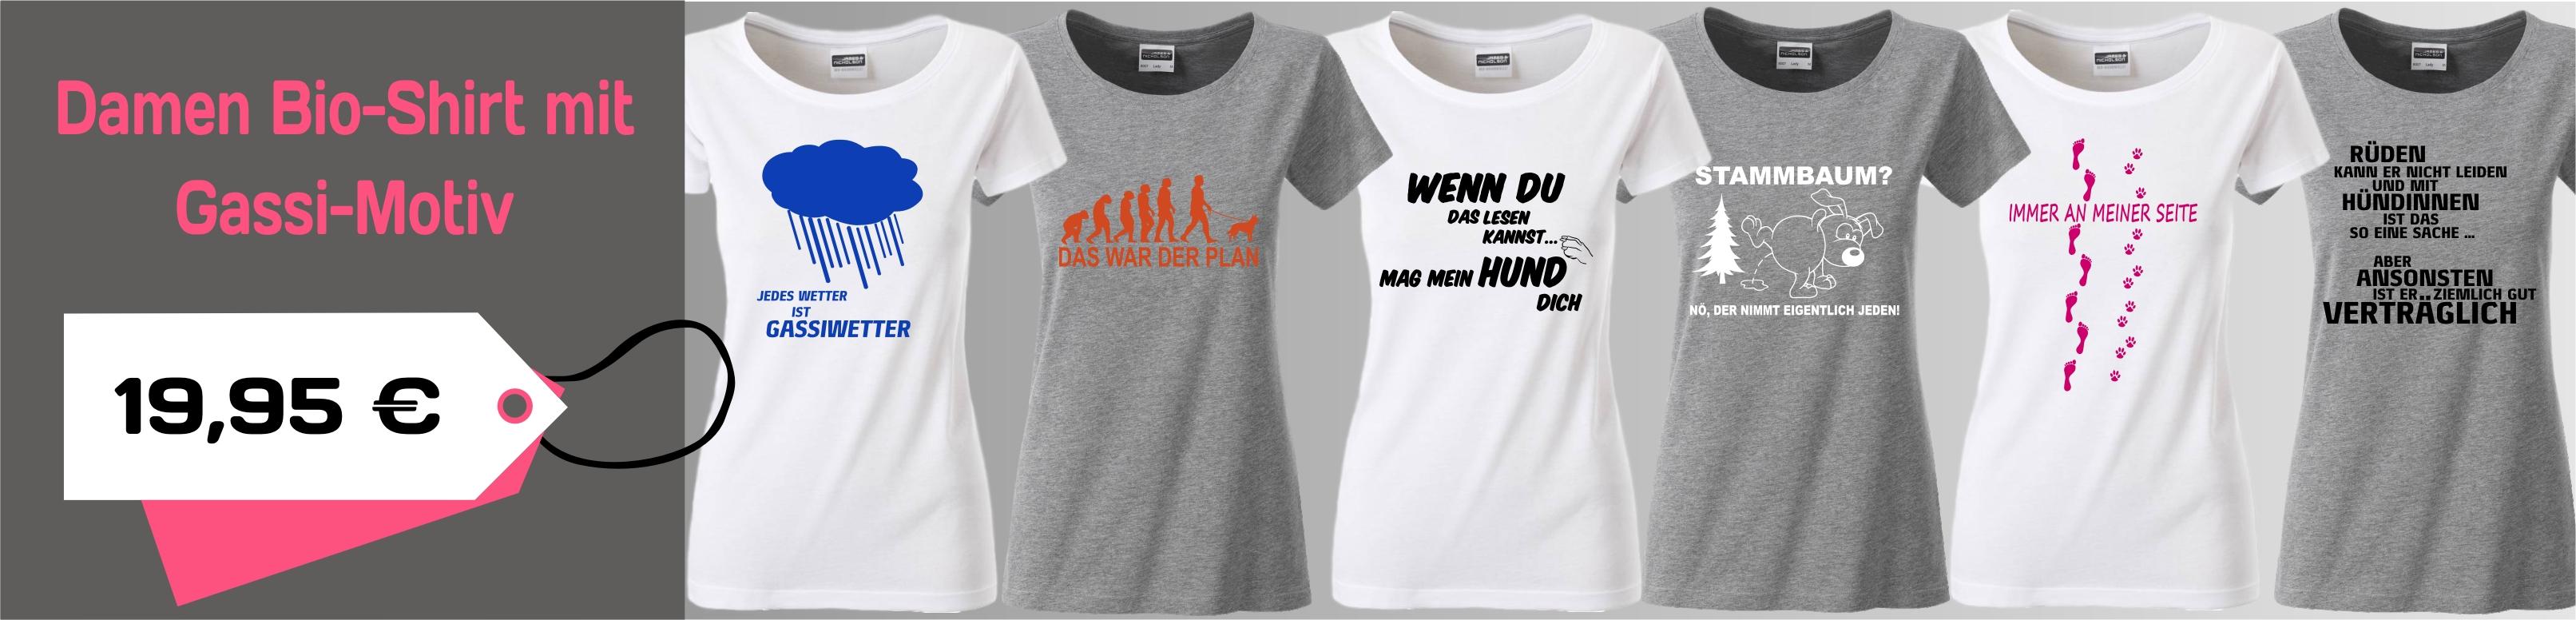 /fuer-frauchen/t-shirts.html?filter_spruchmotiv=238